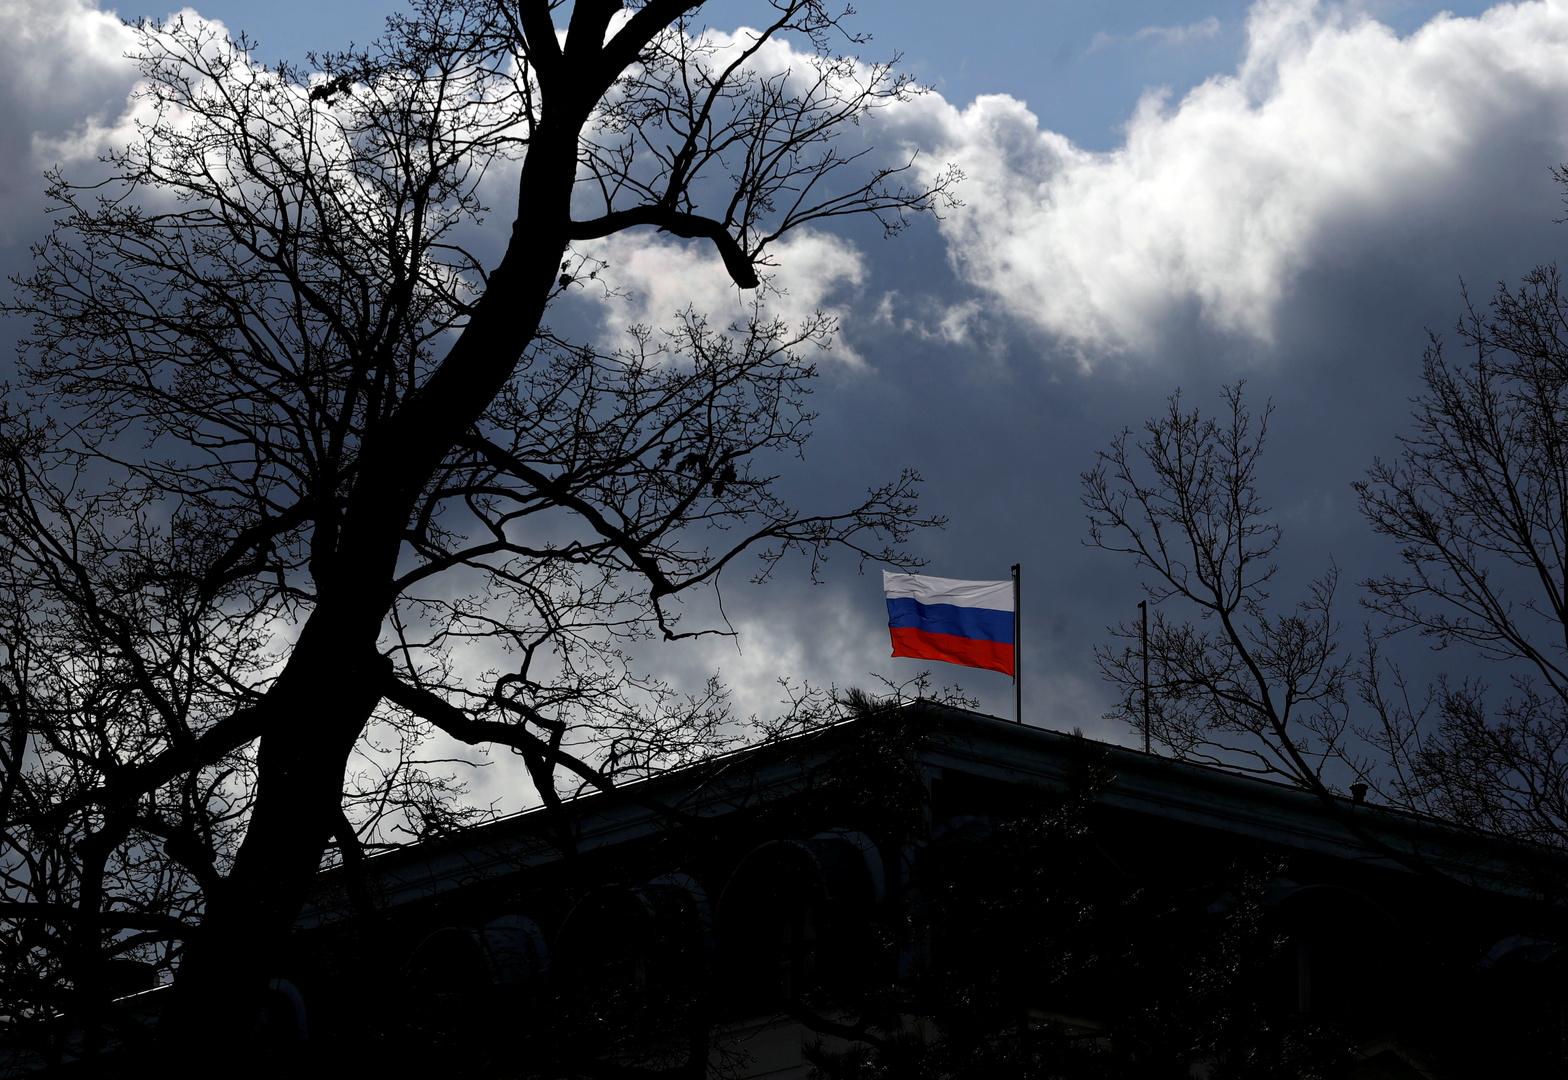 التشيك تتوعد بطرد عشرات الدبلوماسيين الروس وموسكو ترد